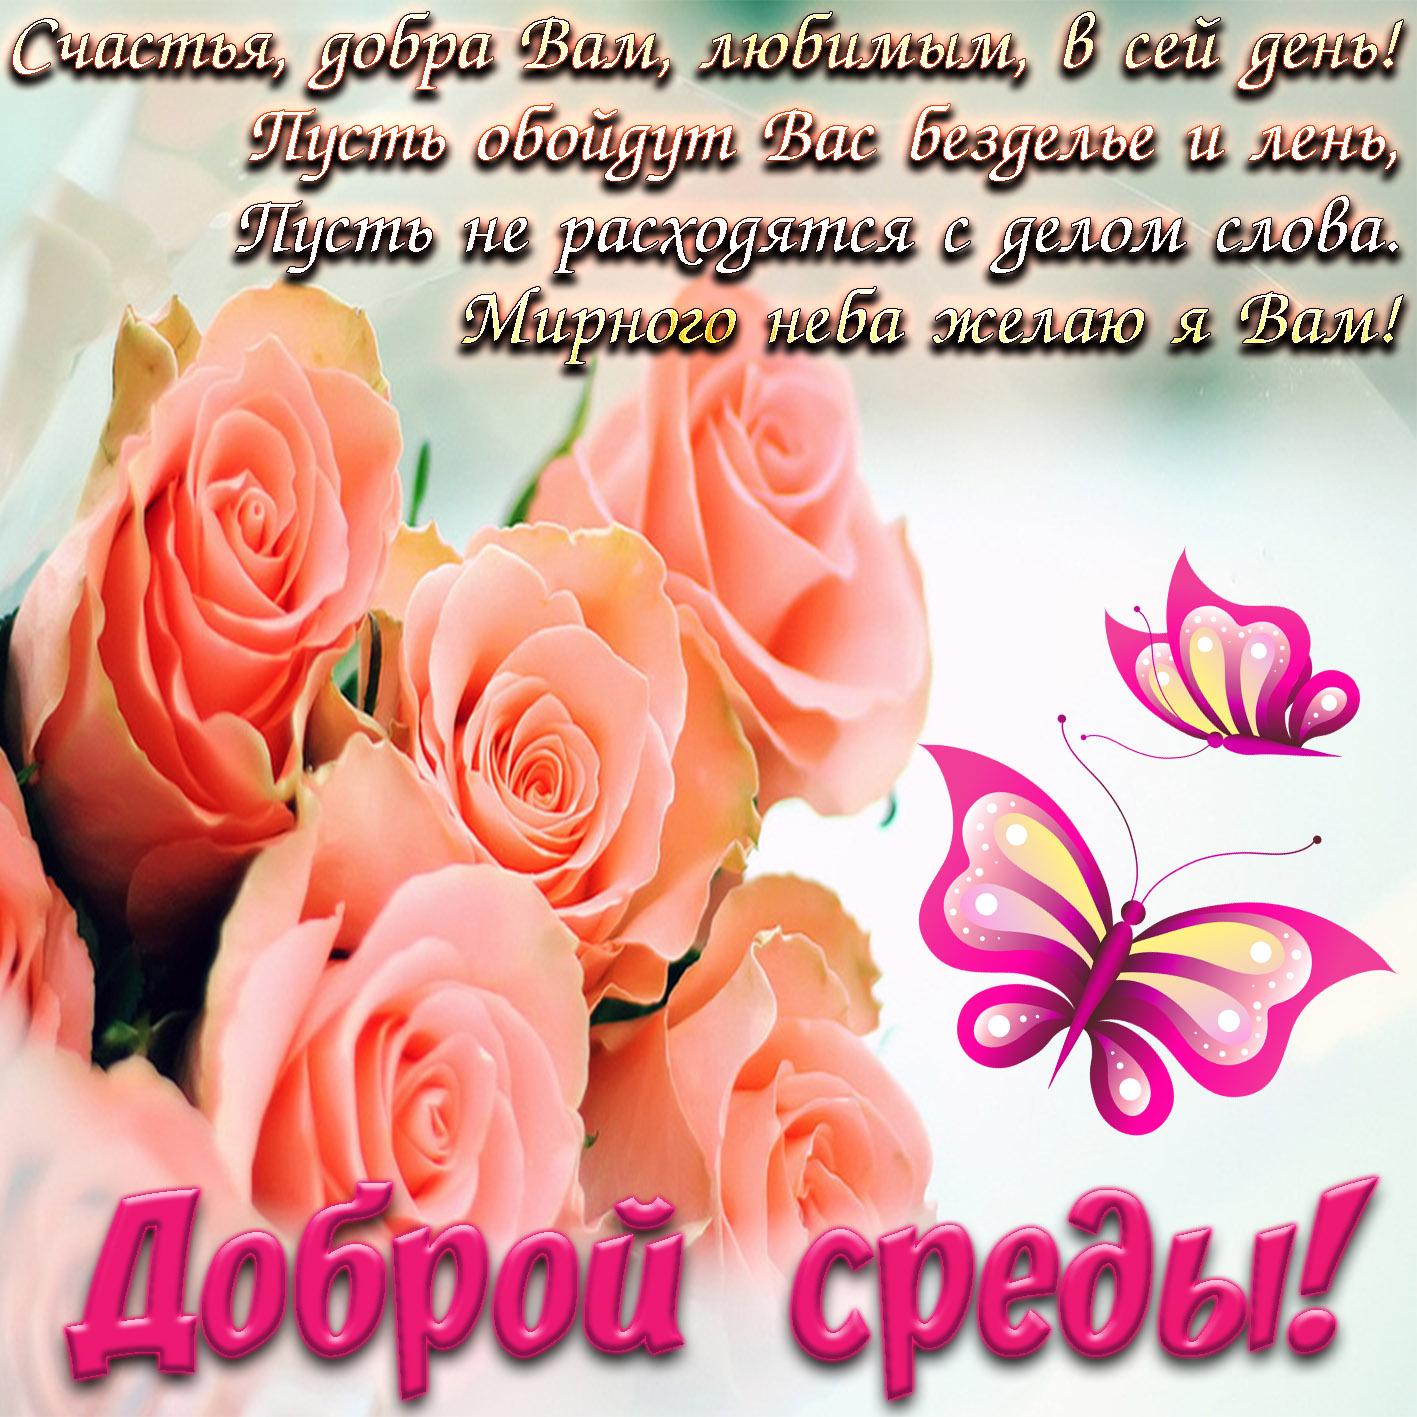 Цветы надписью, картинки с хорошим днем среды